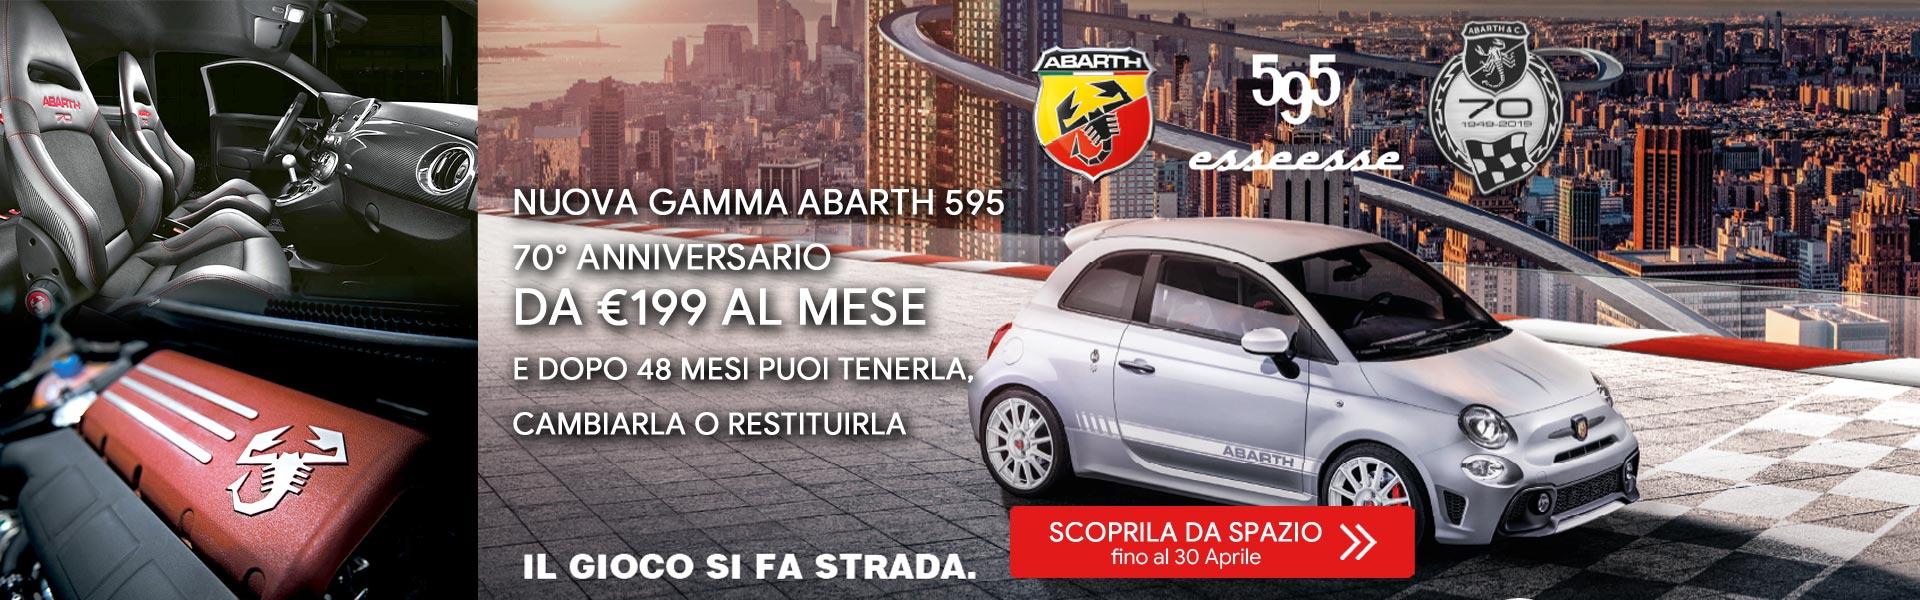 Gamma Abarth 595 70° Anniversario